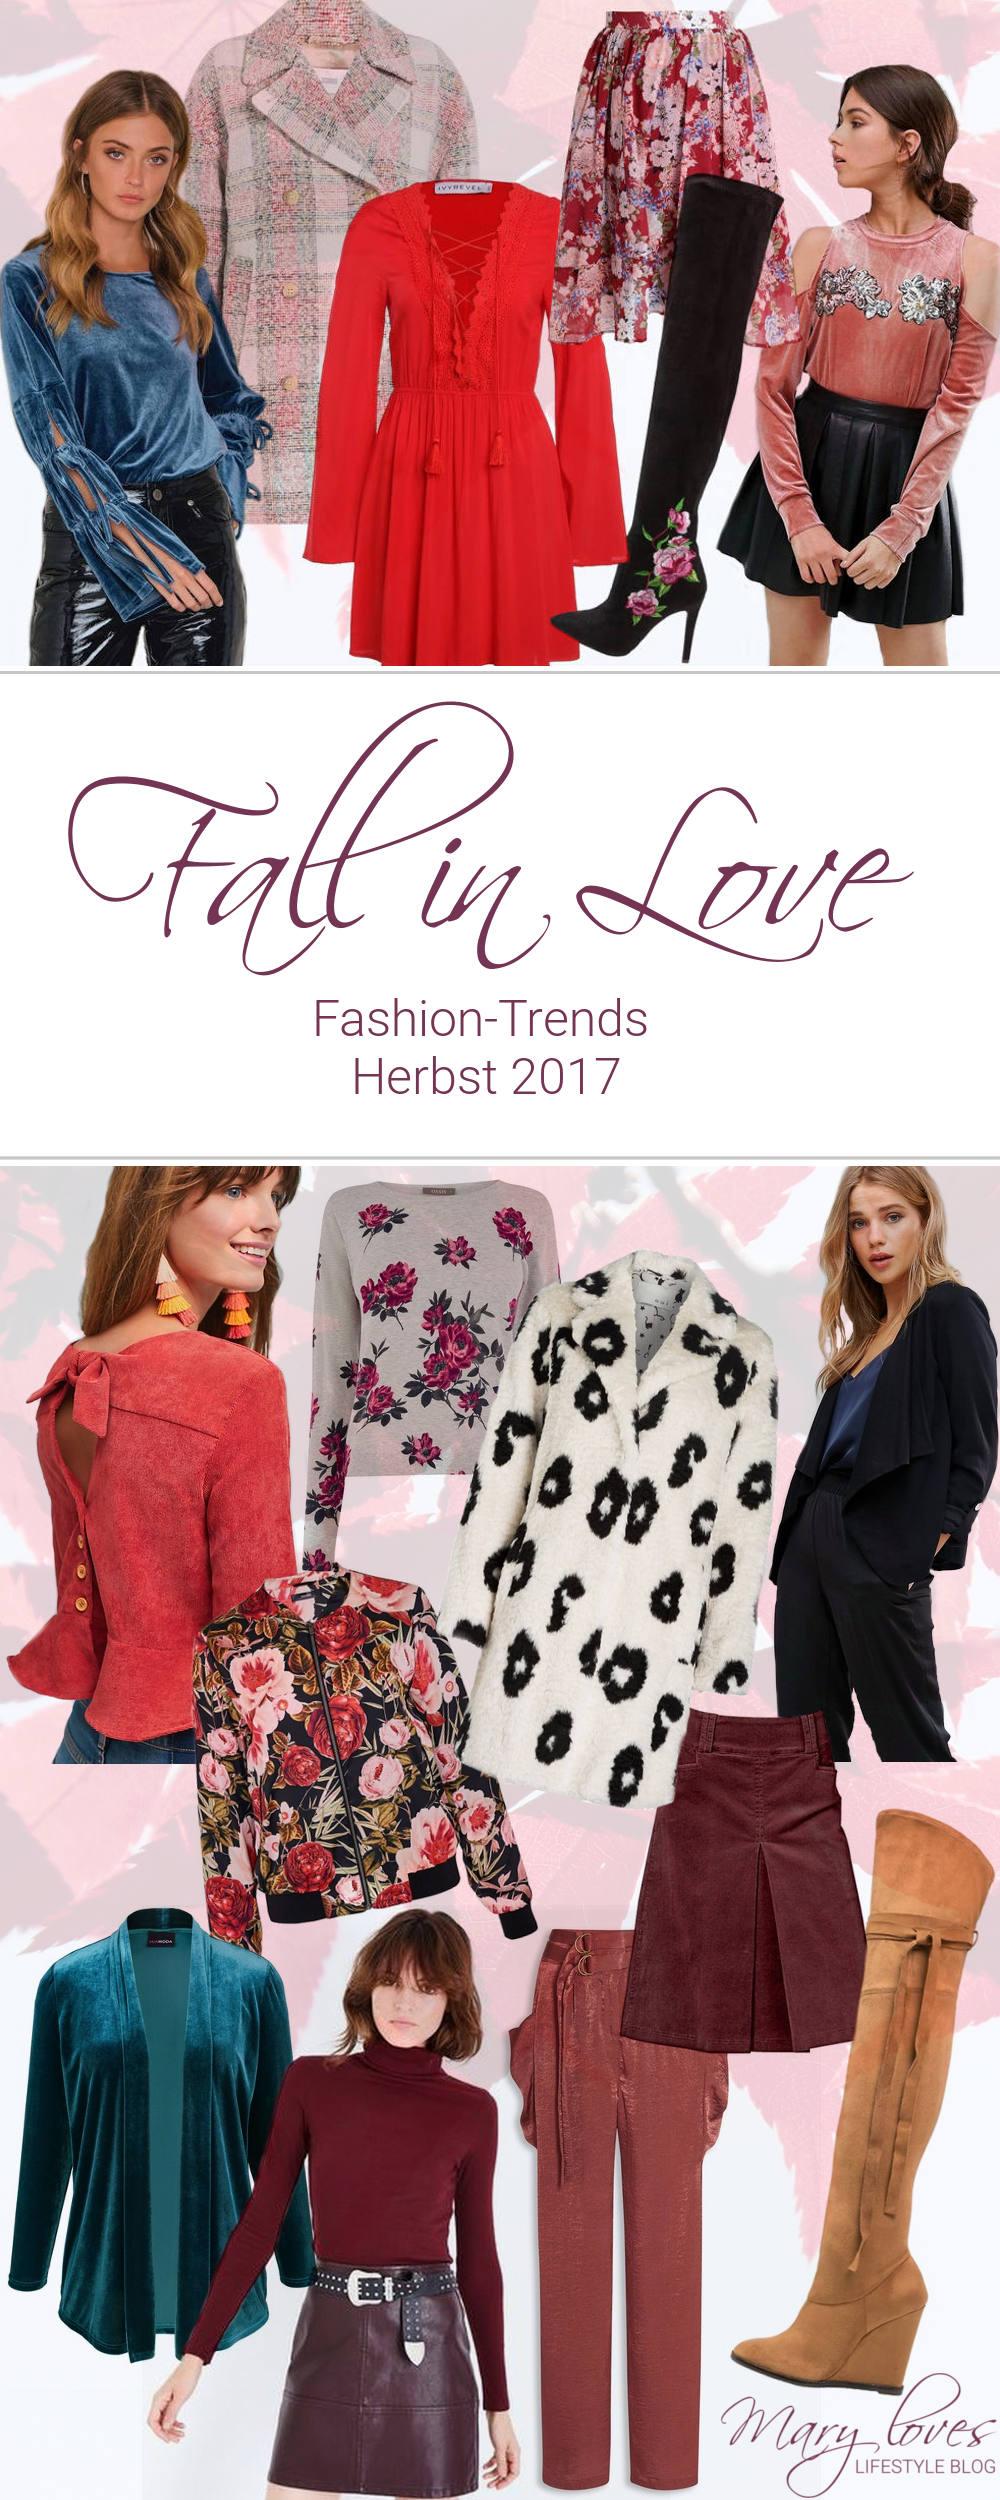 Fall in Love - Das sind die Fashion-Trends Herbst 2017 - Angesagte Modetrends im Herbst